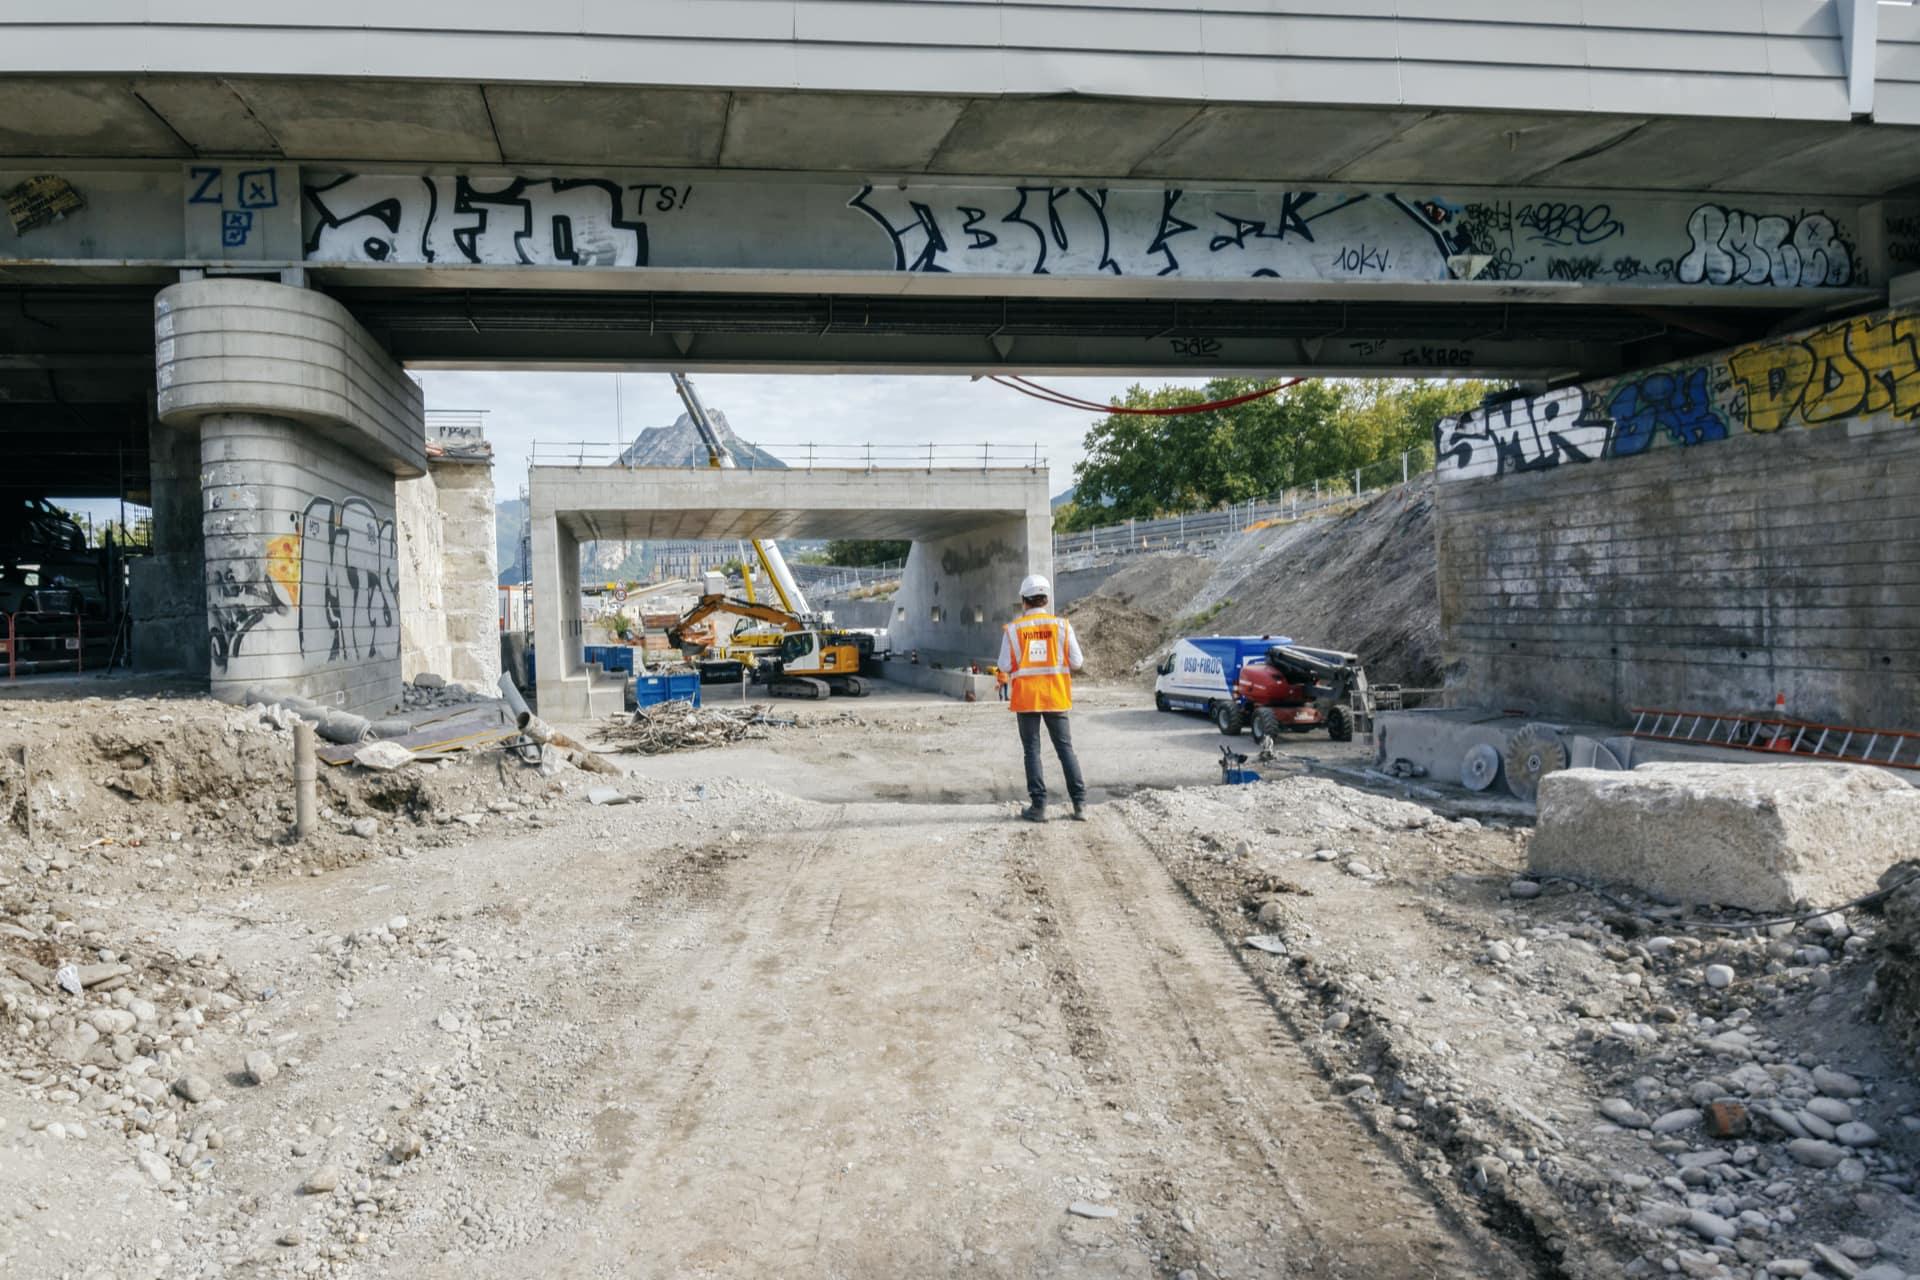 Vue d'ensemble de l'ancien et du nouveau pont à Catane, Grenoble.